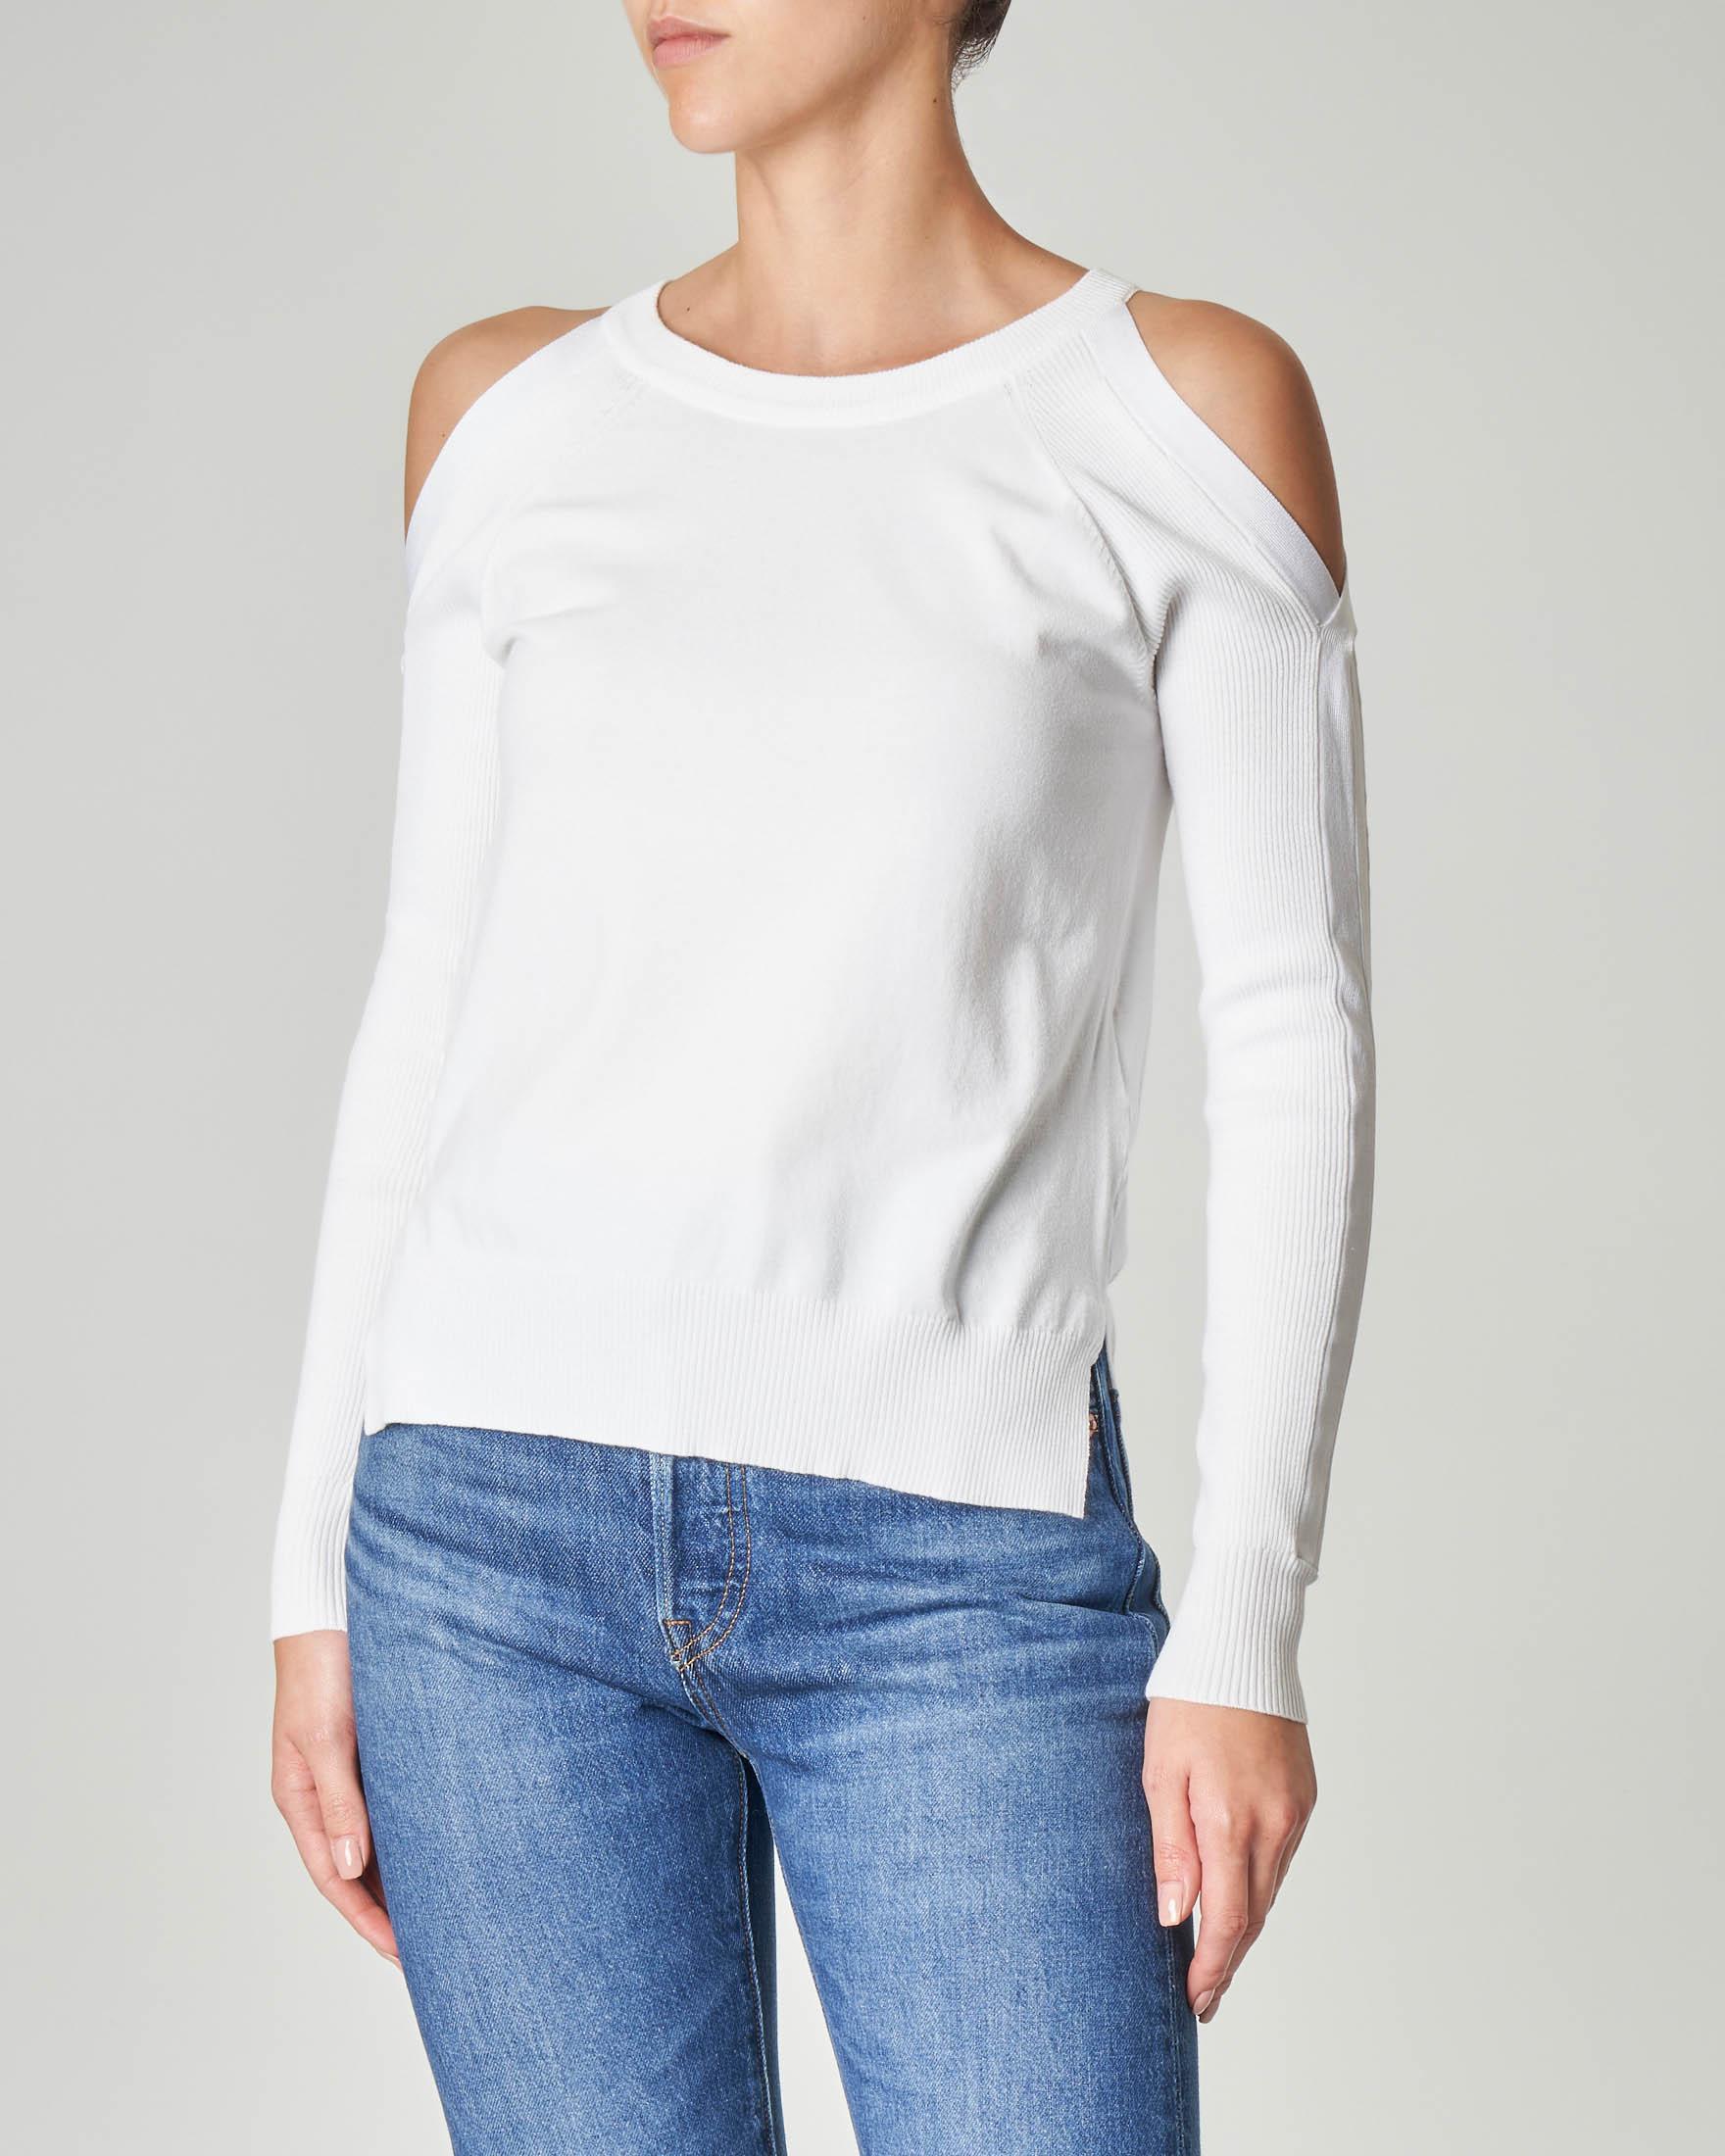 Maglia bianca in misto viscosa con maniche lunghe e aperture sulle spalle